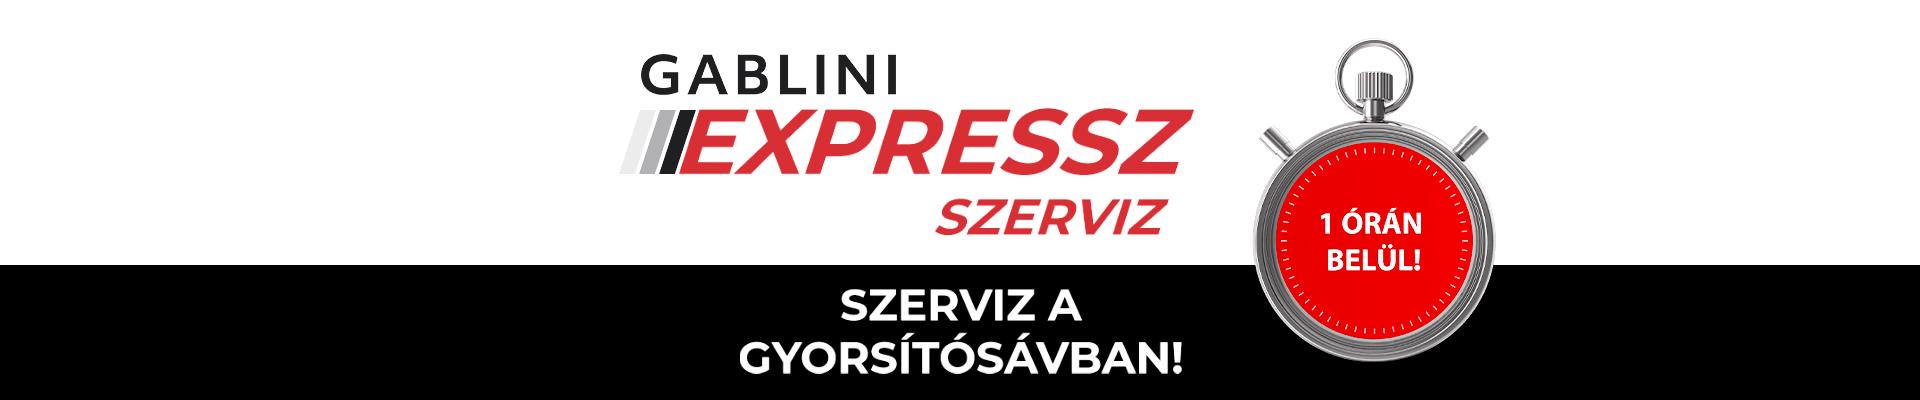 expresszerivz